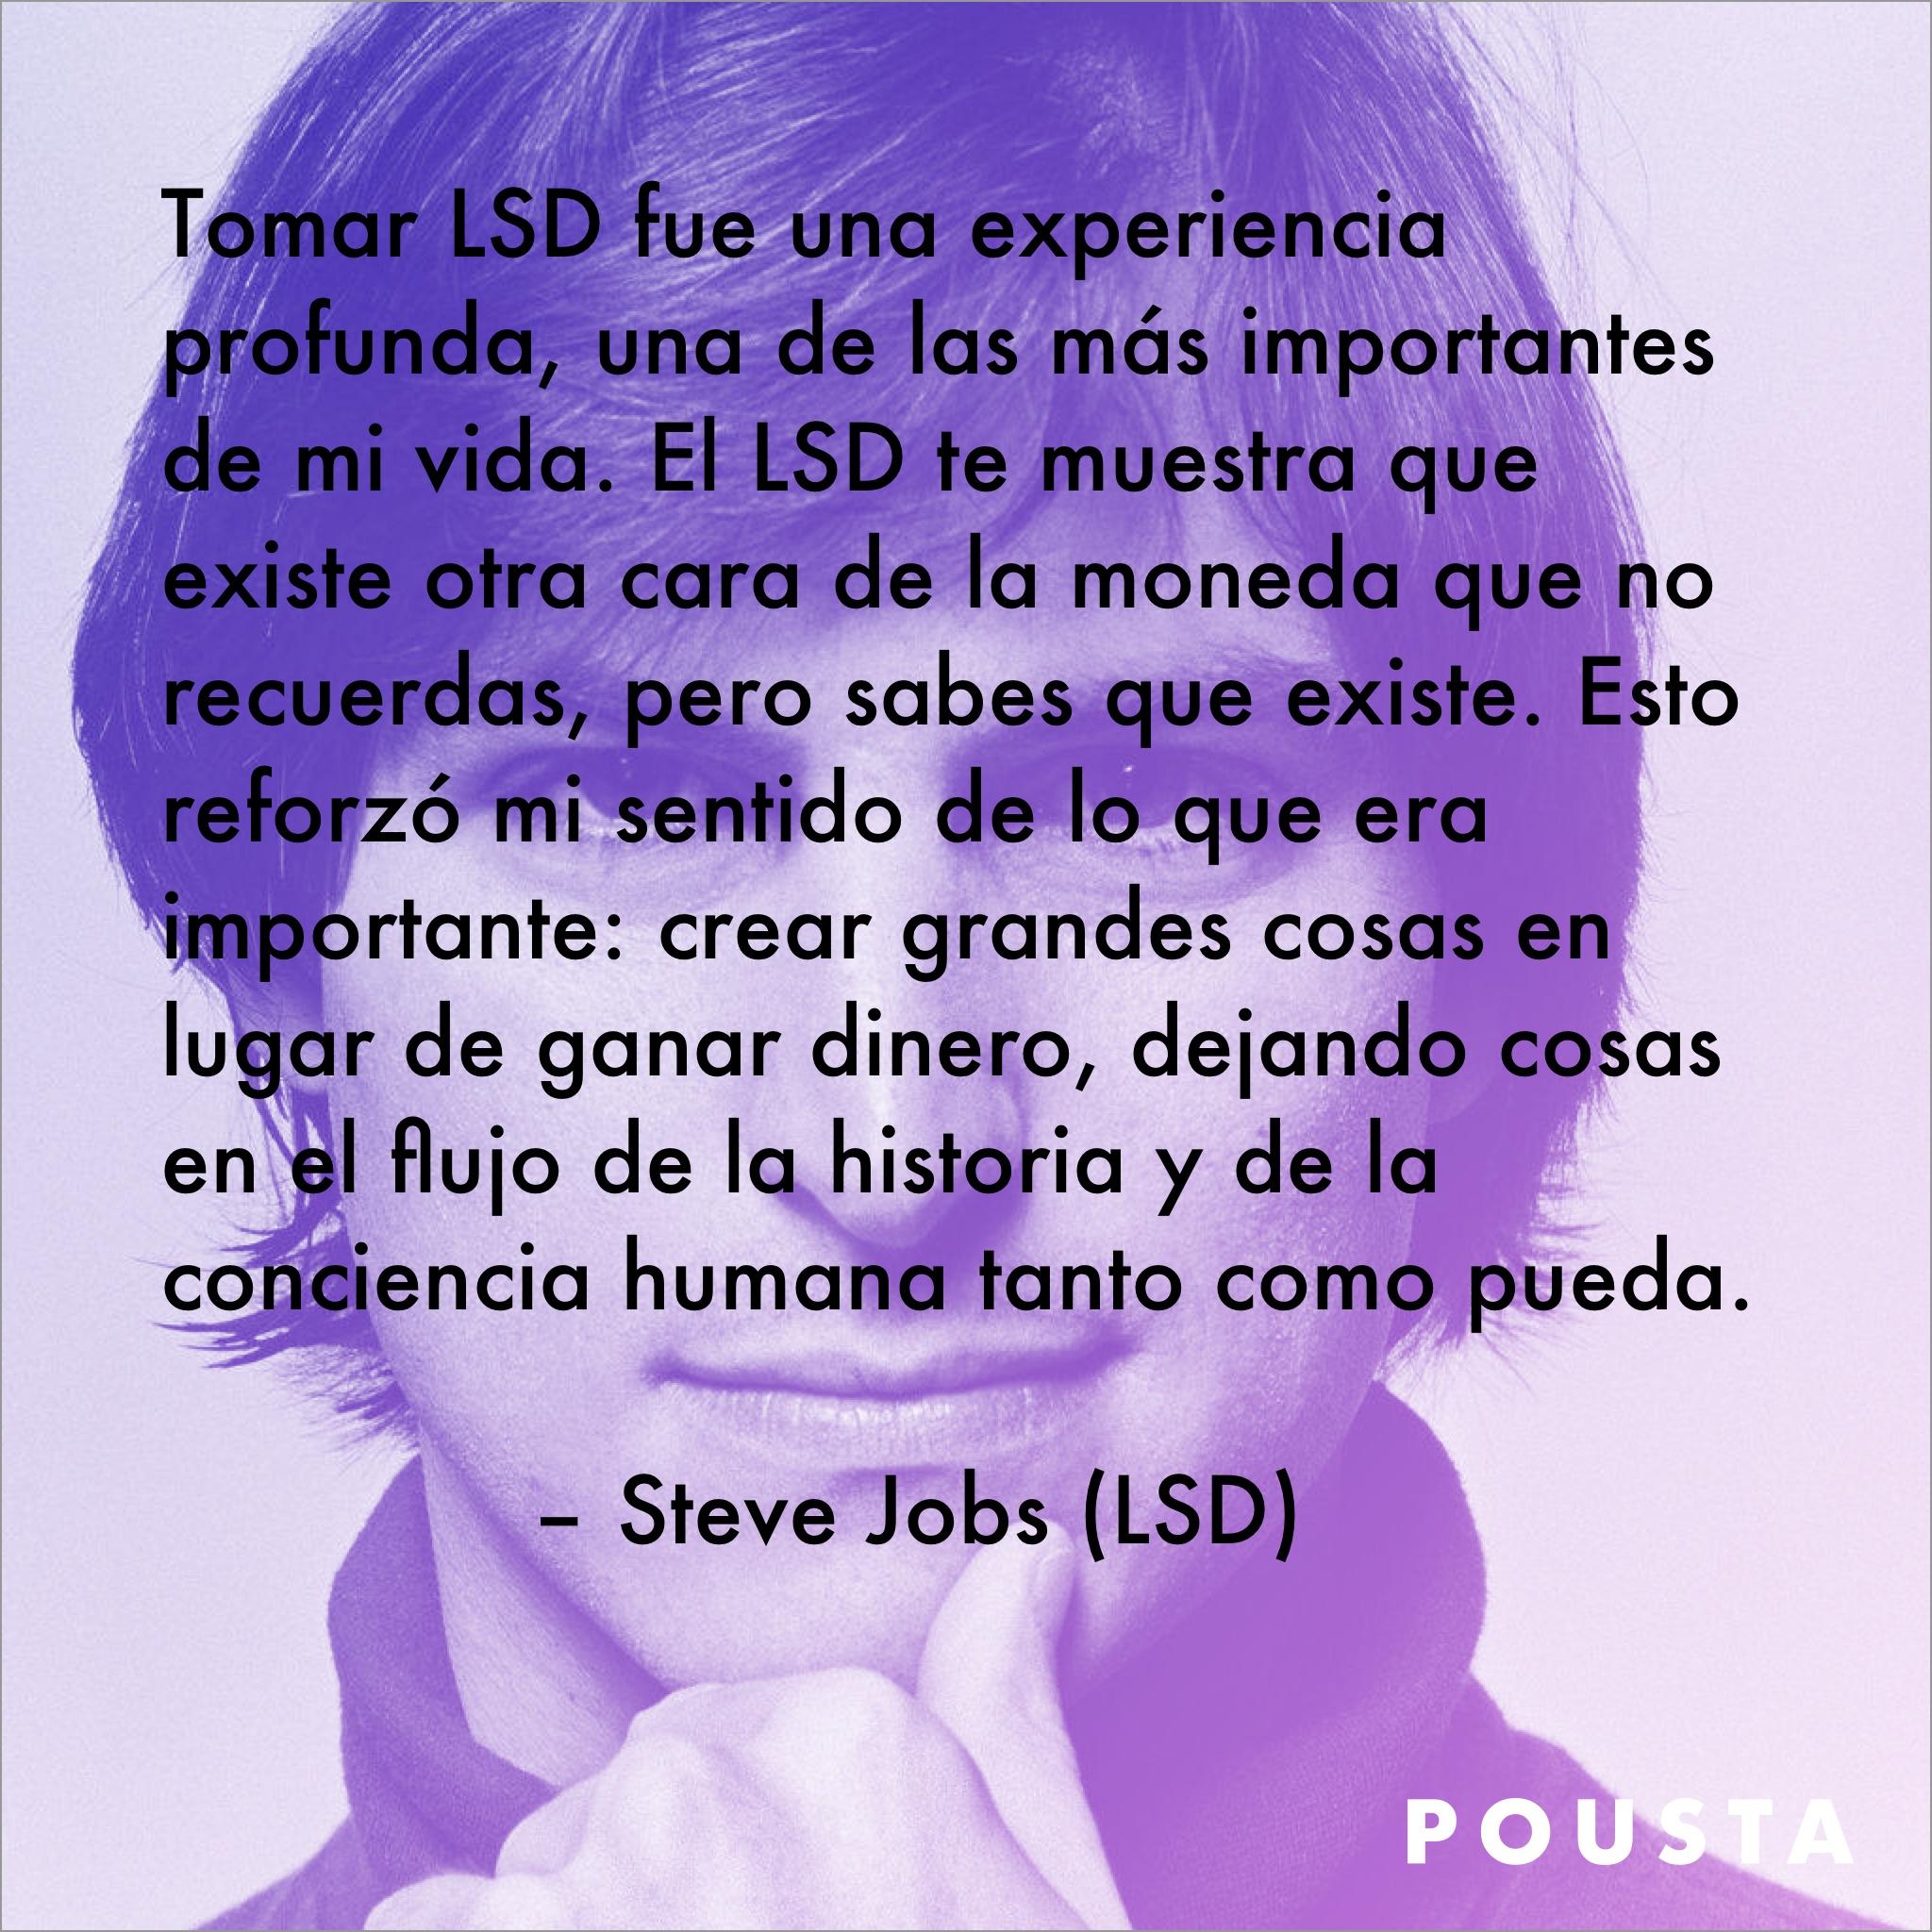 jobs lsd